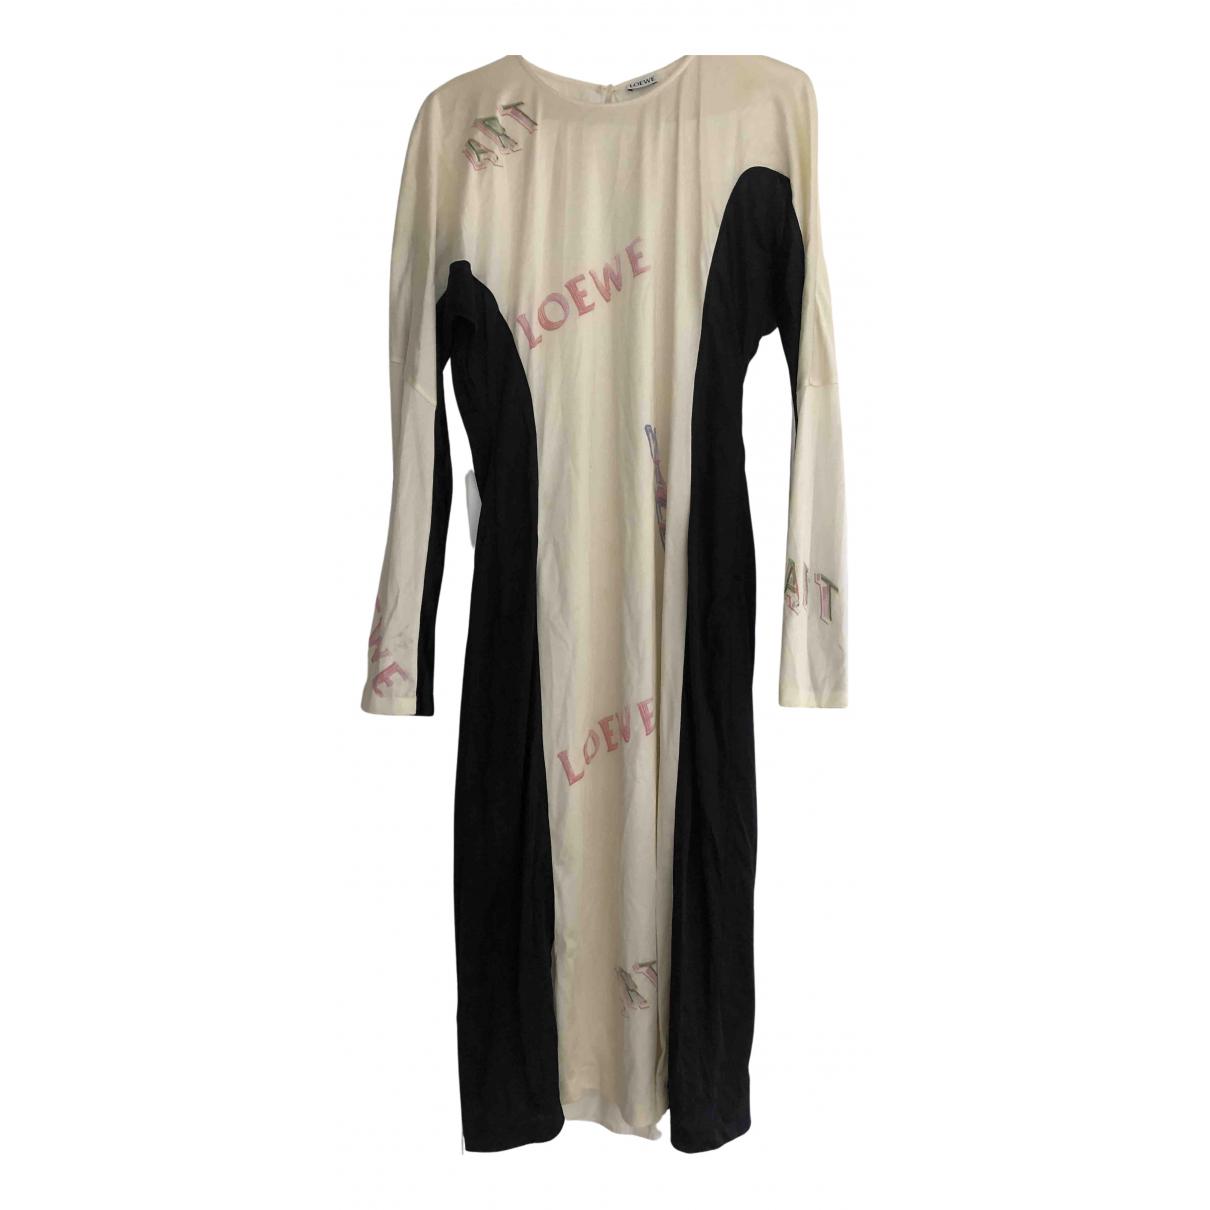 Loewe \N Kleid in  Beige Synthetik